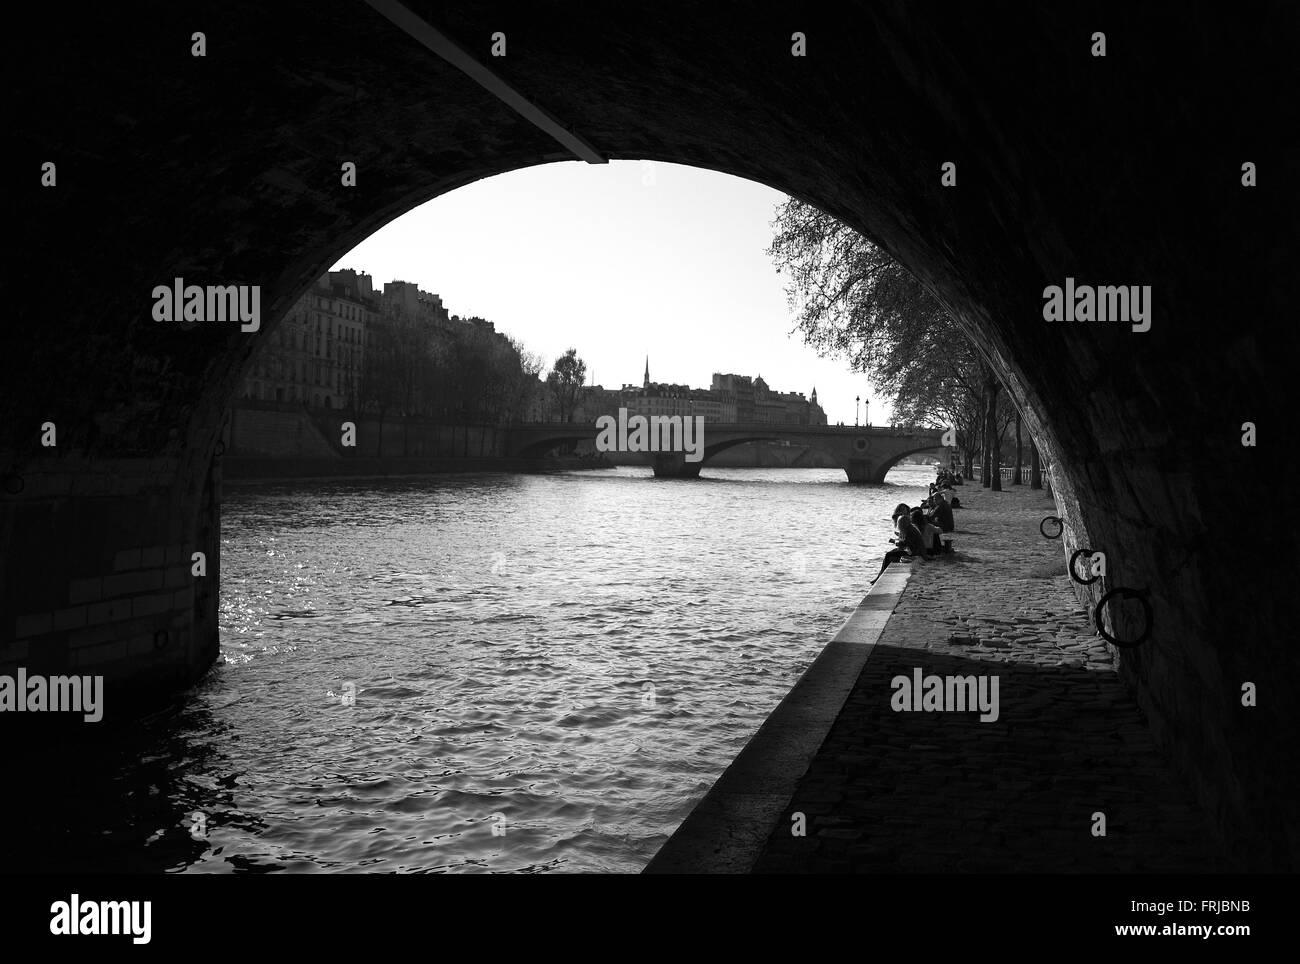 Quai des Celestins from Pont Marie, Paris - Stock Image